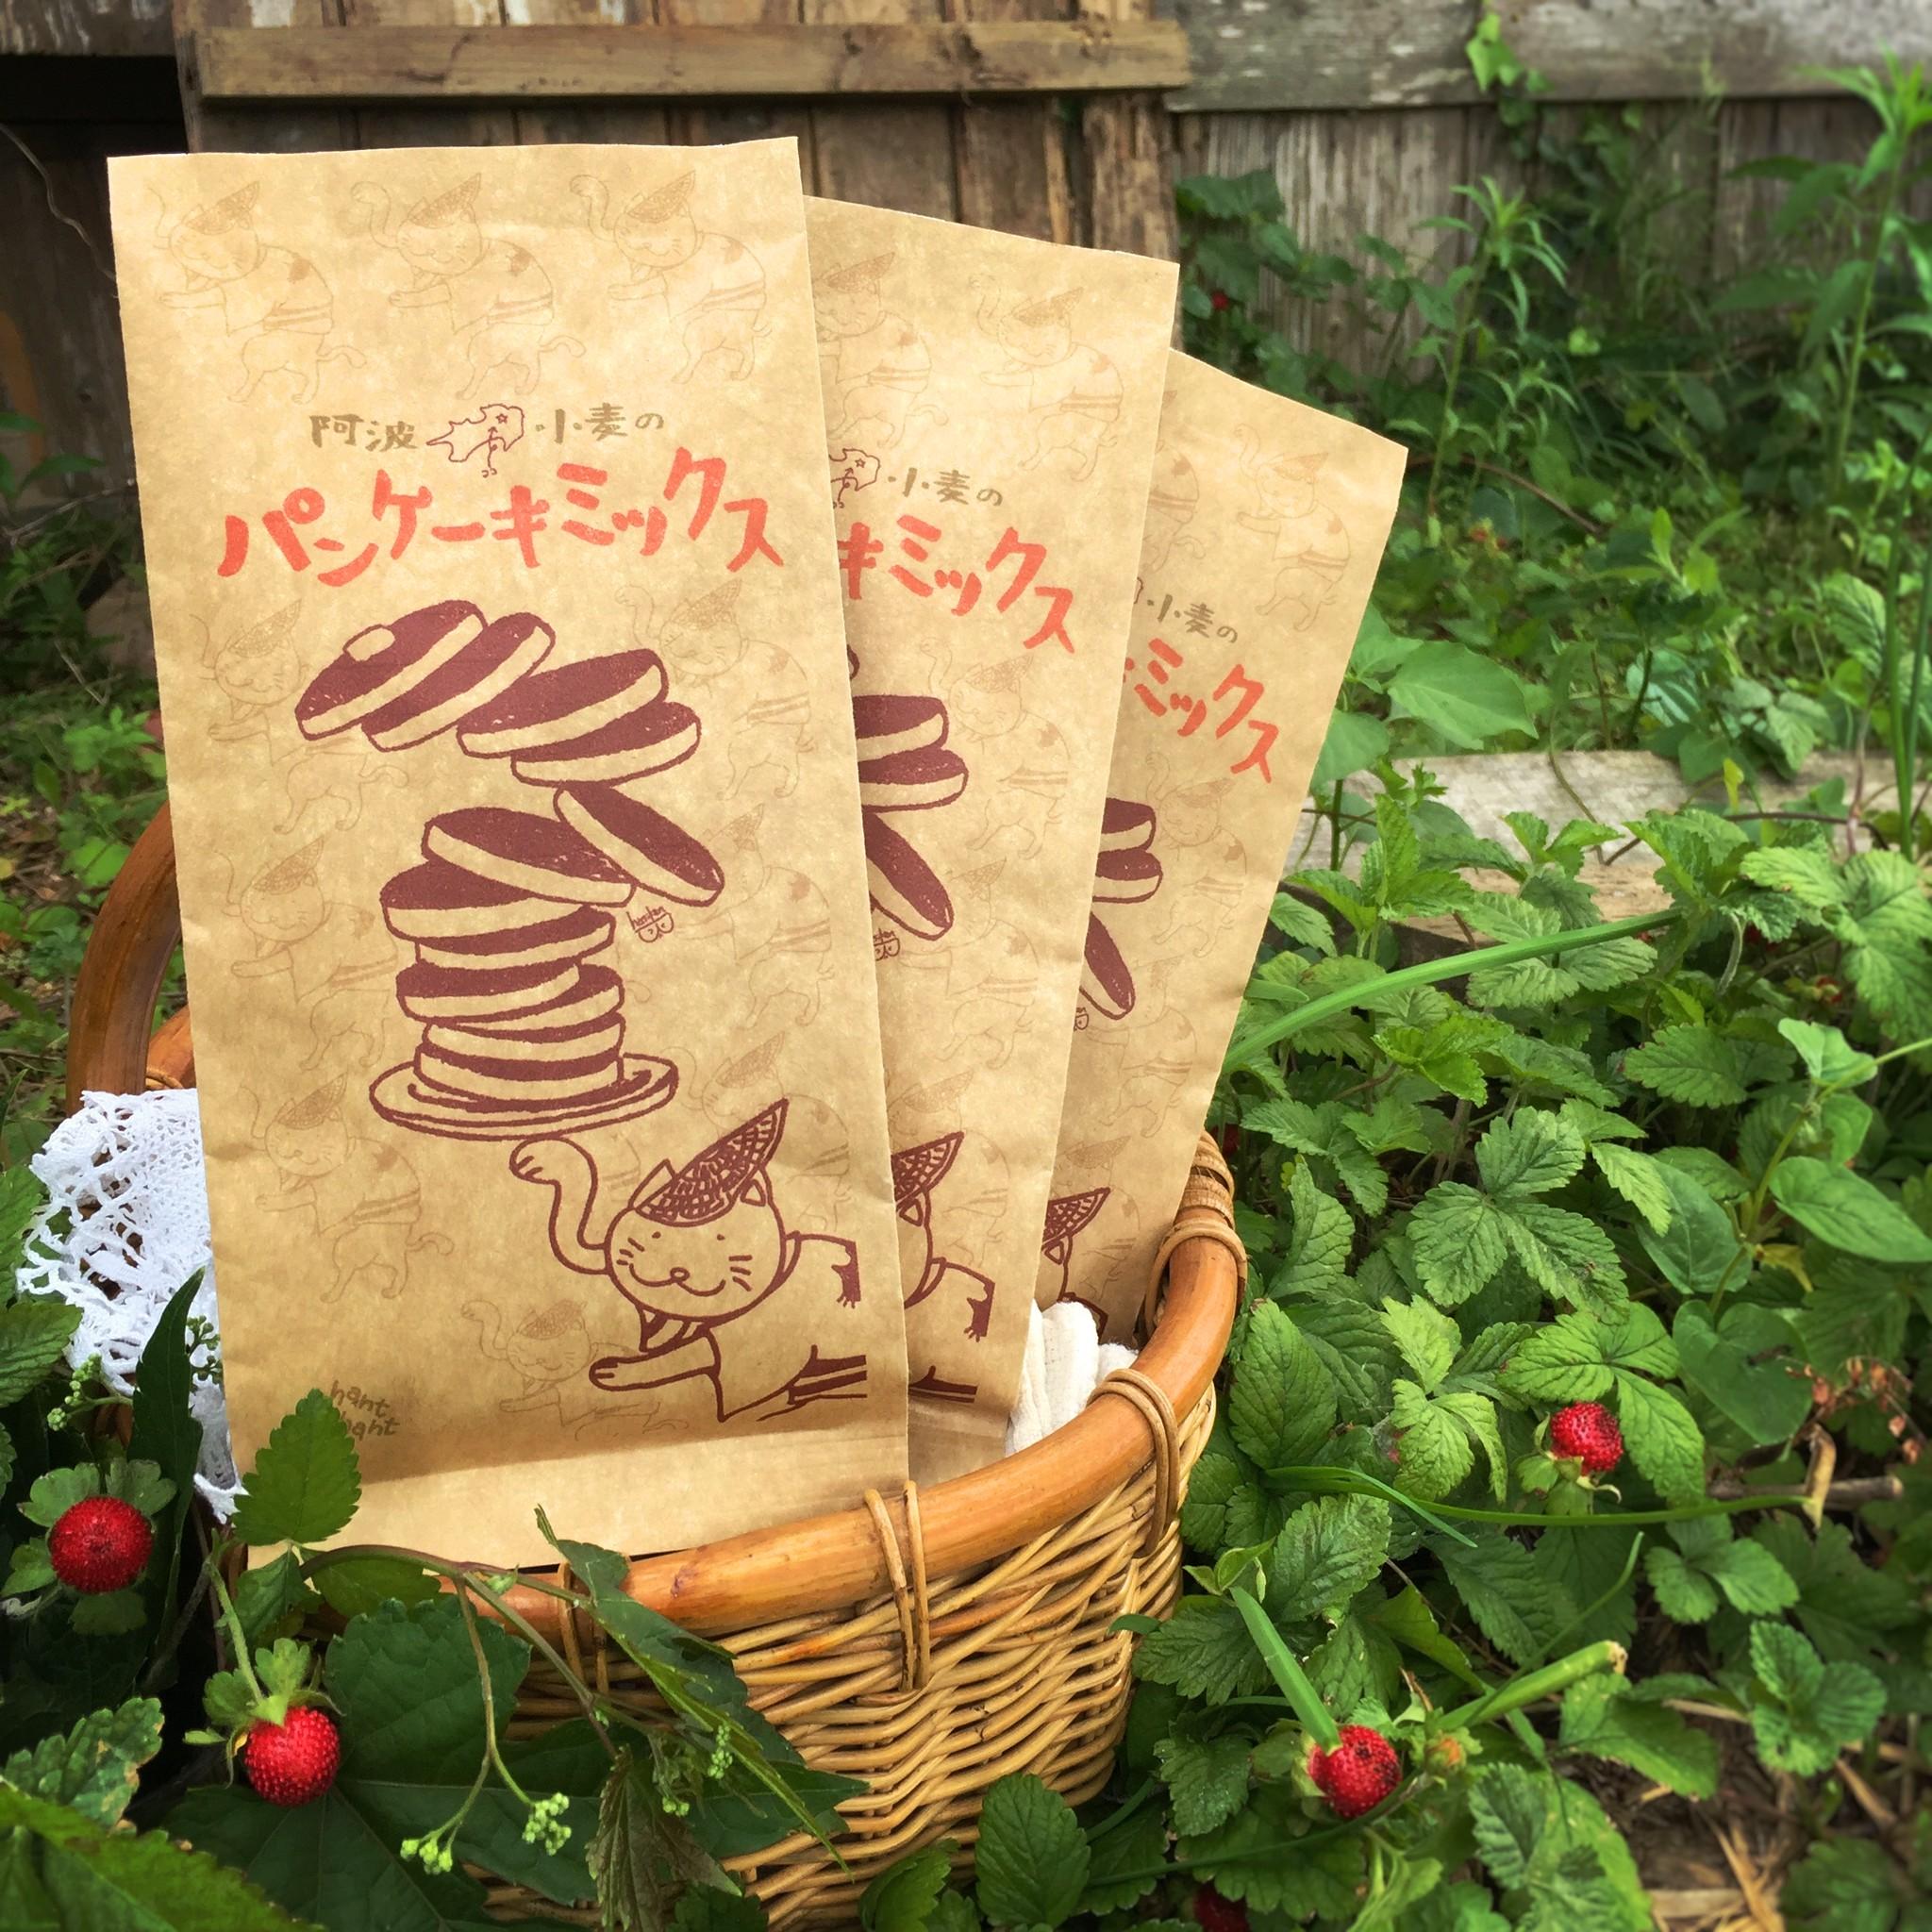 【送料100円】阿波小麦のパンケーキミックス【徳島県からお届けします♪】